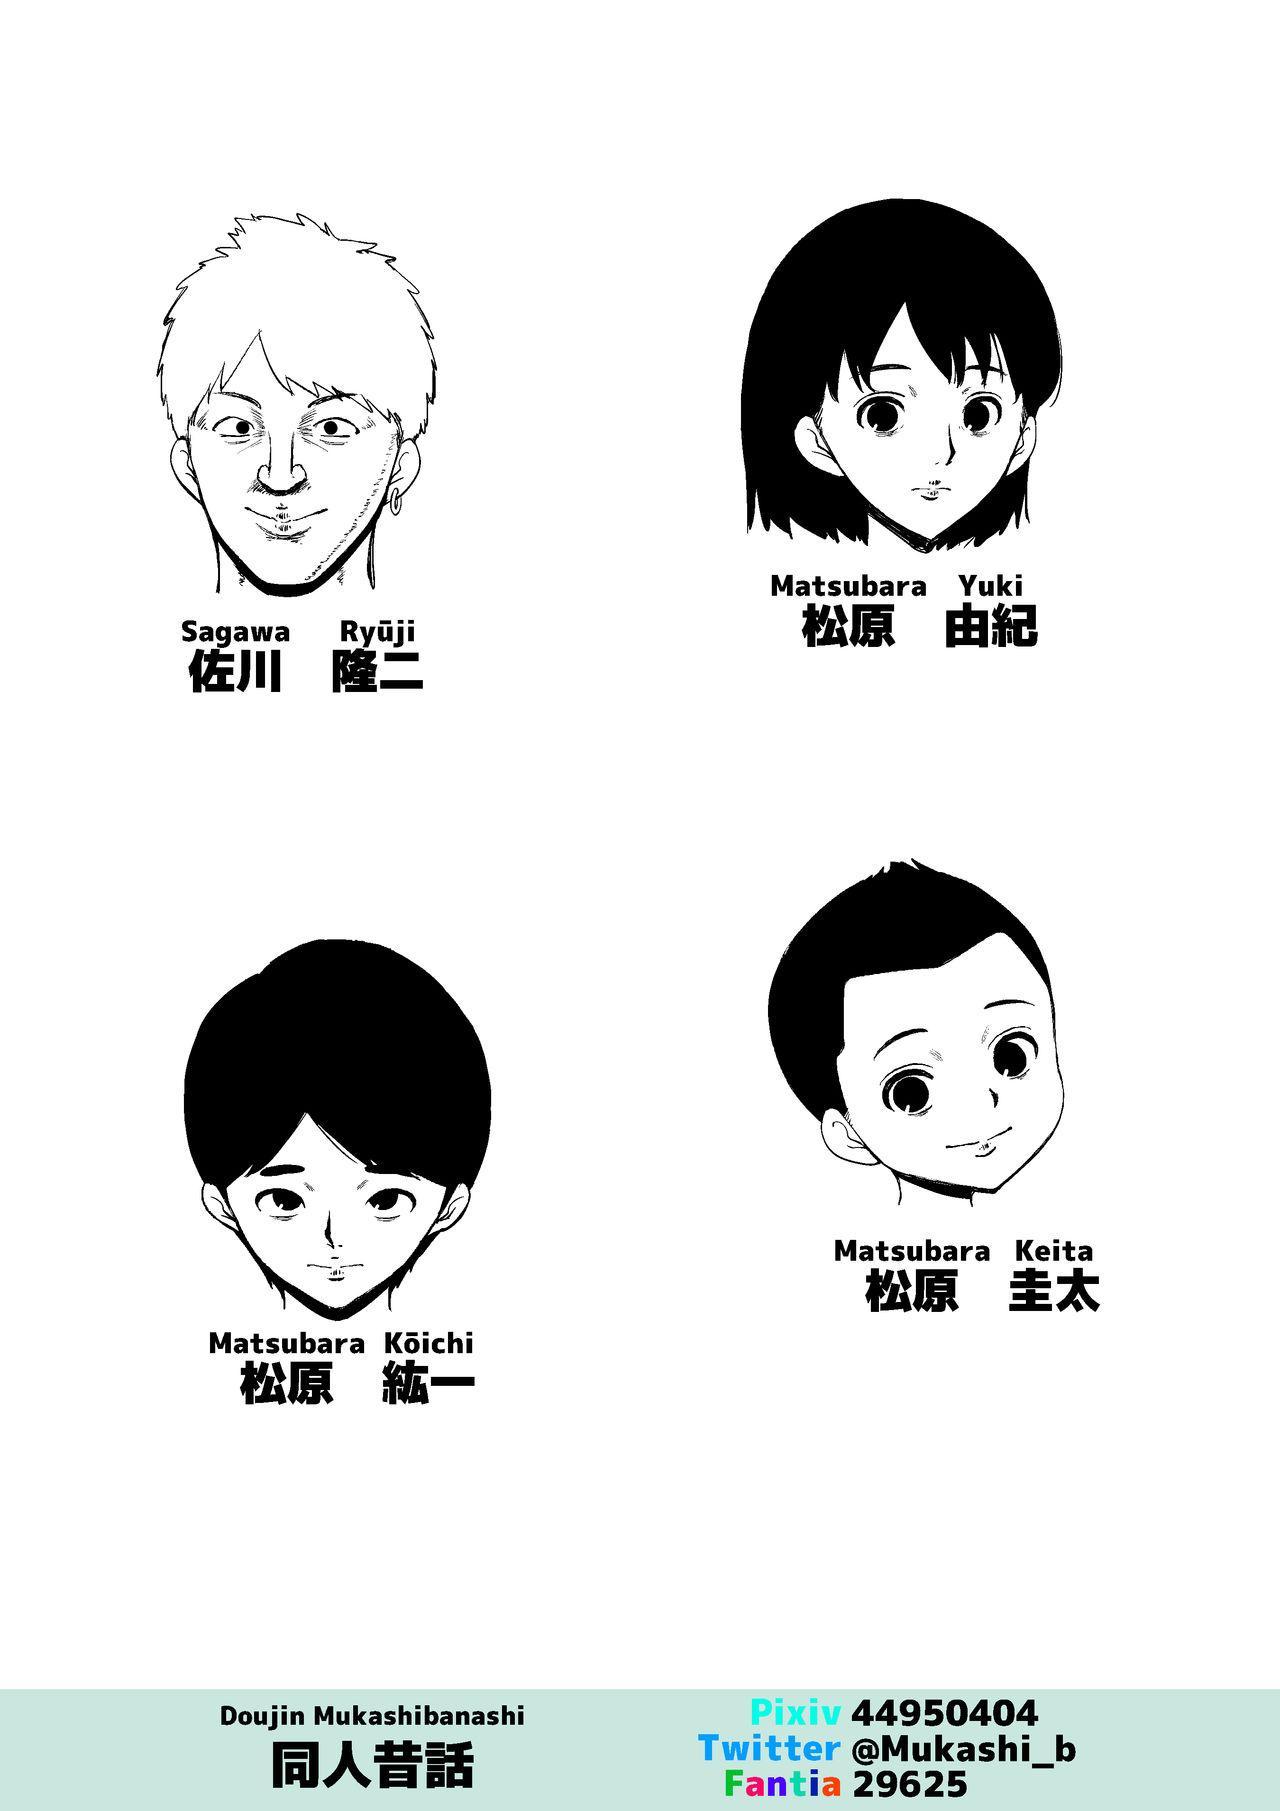 Tsuma to Rinjin no DQN ga 1